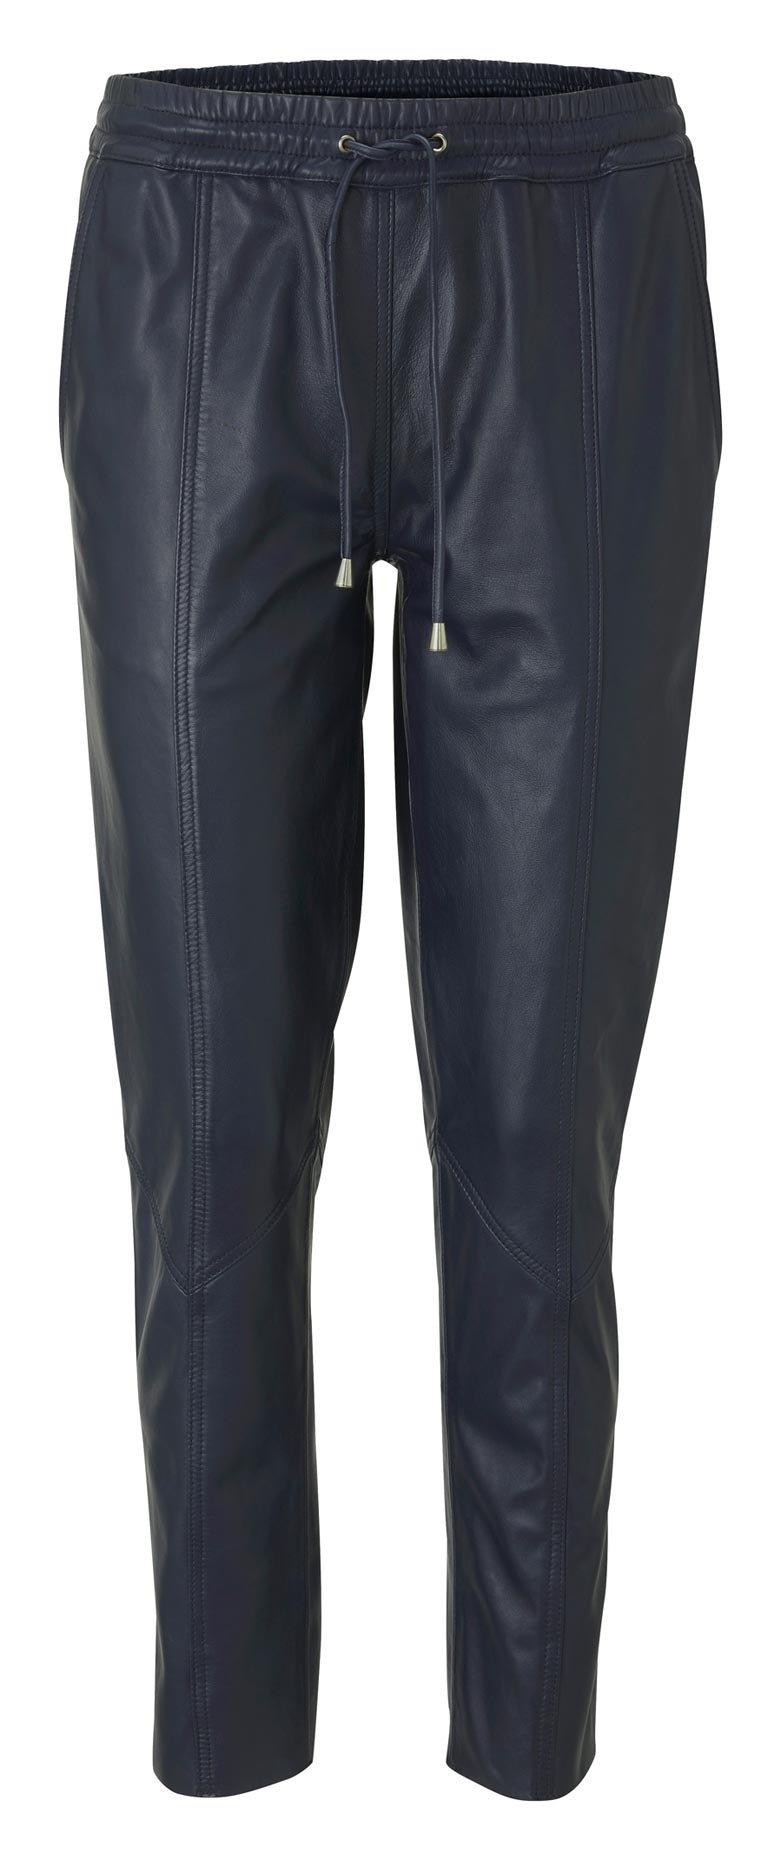 RICK CARDONA by Heine leren broek met elastische tailleband nu online bestellen